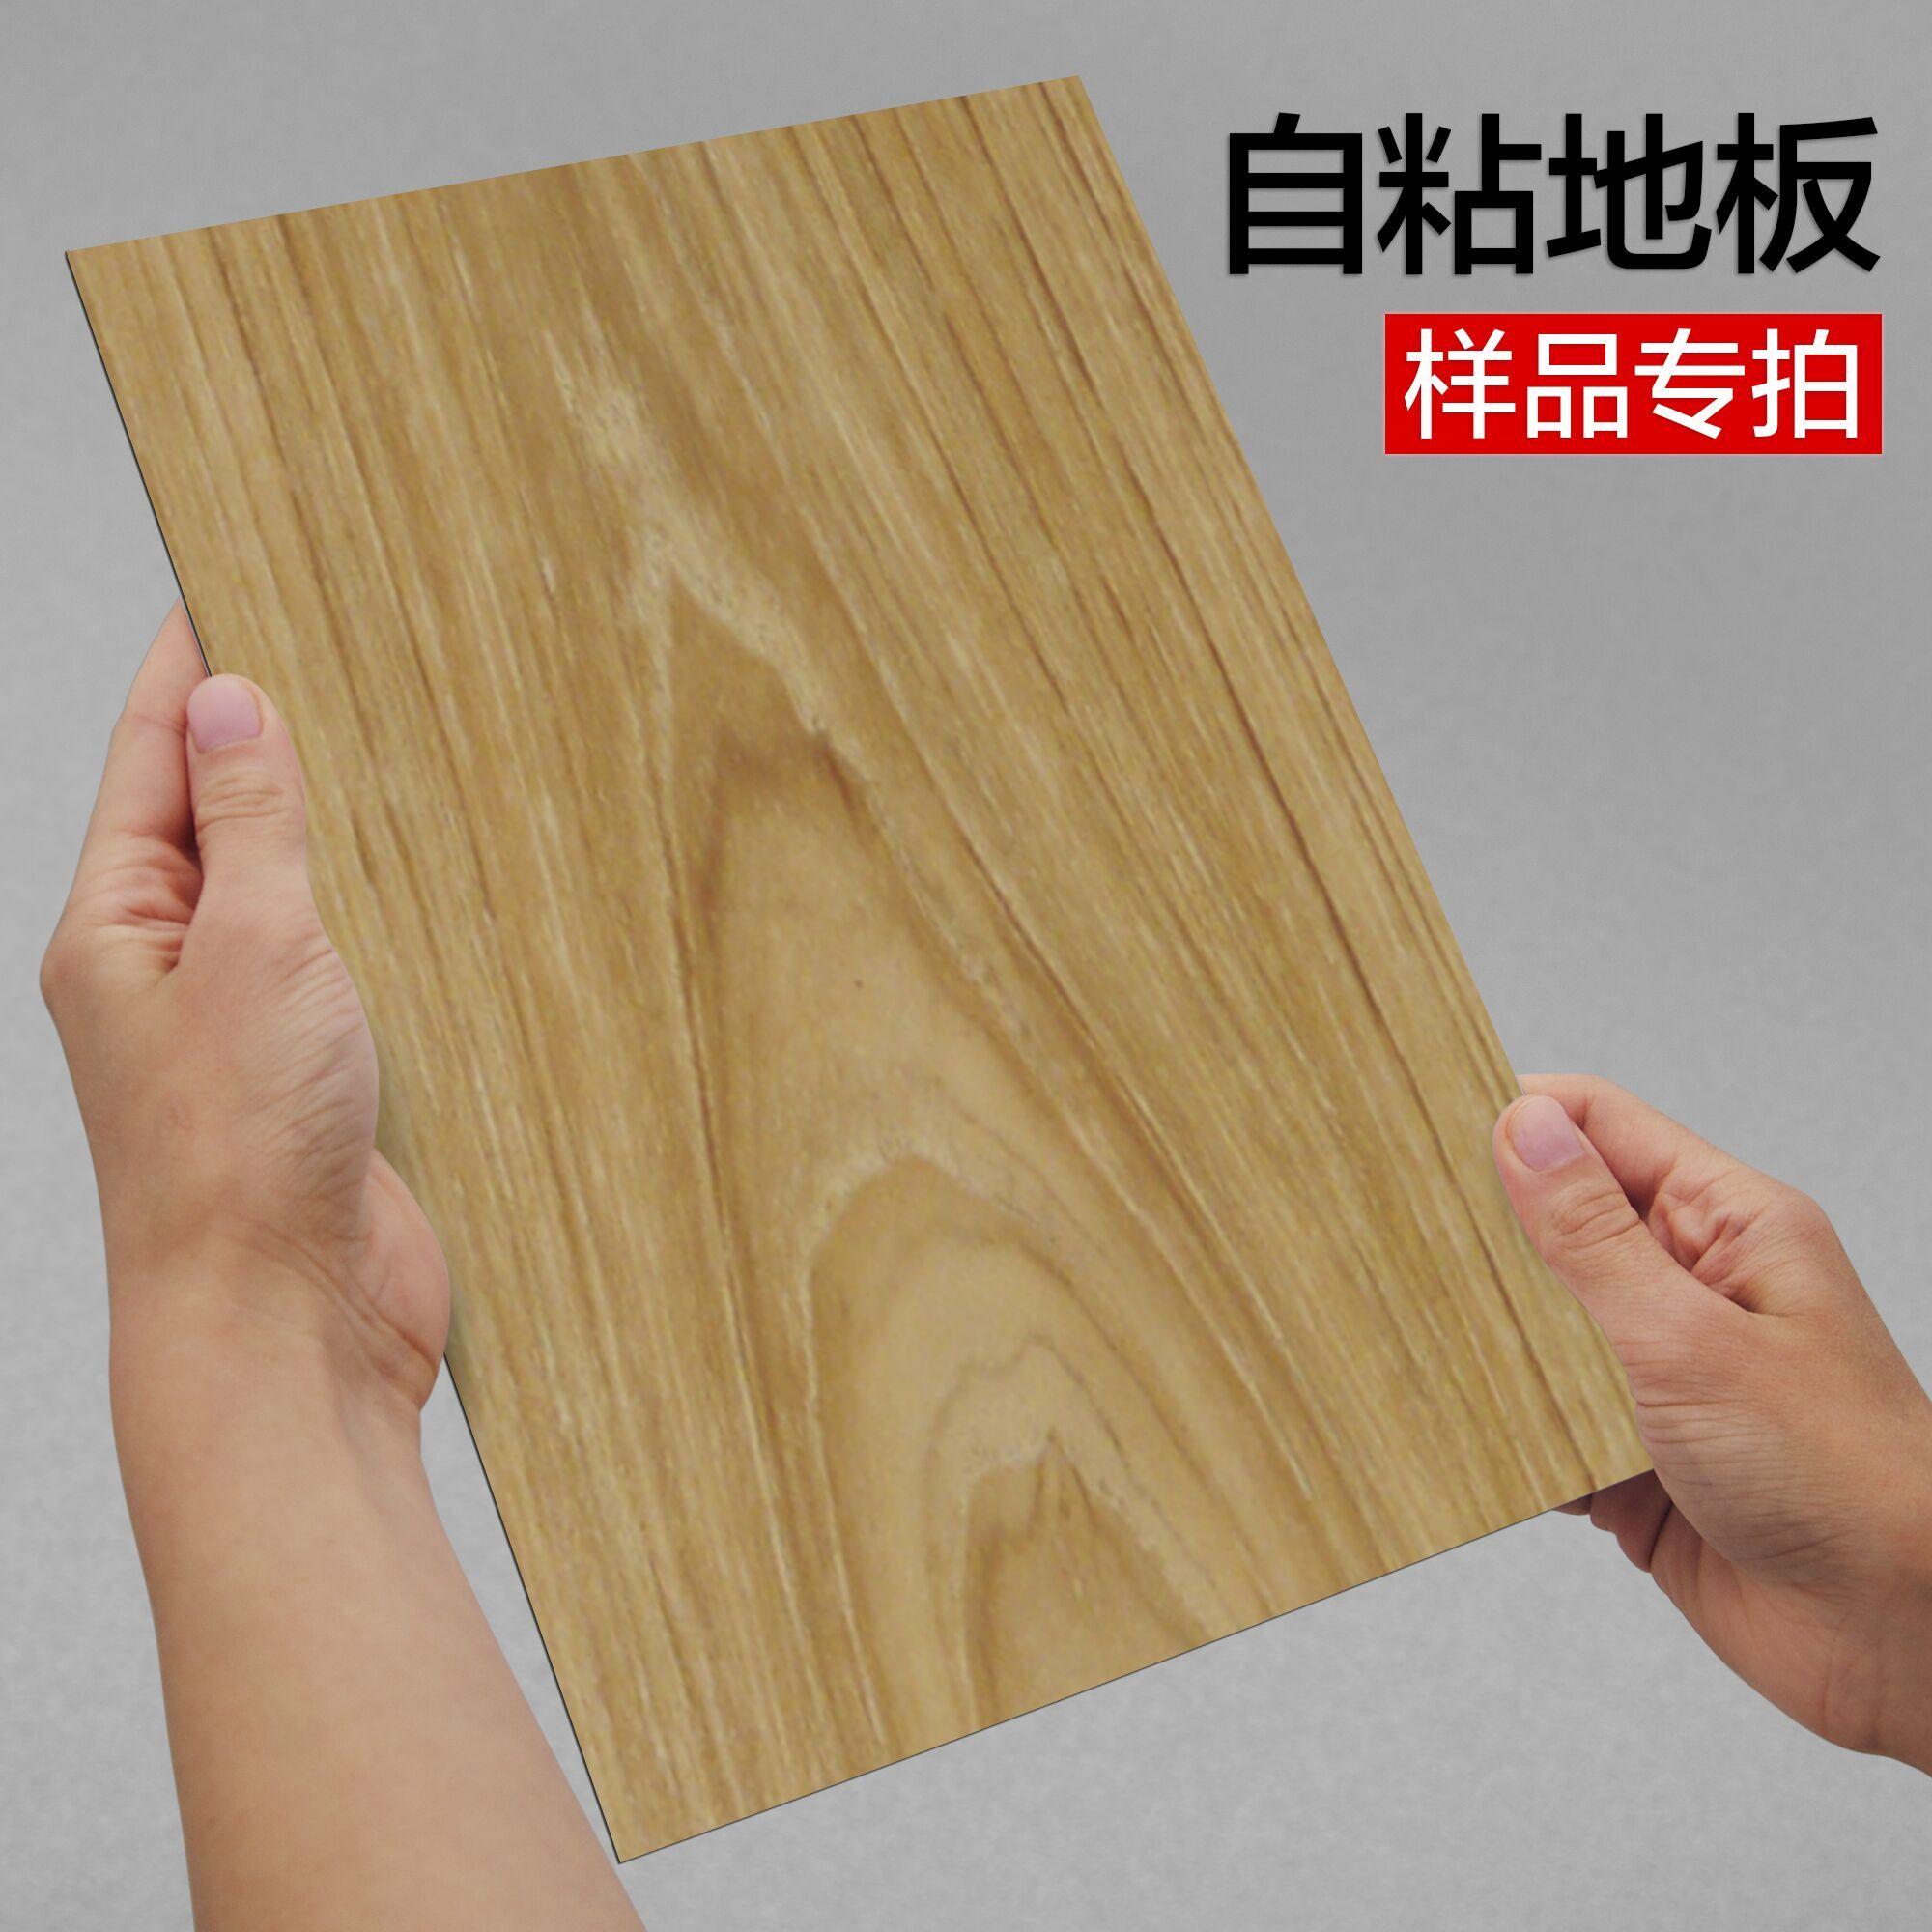 柯耐地板质量怎么样,牌子好不好